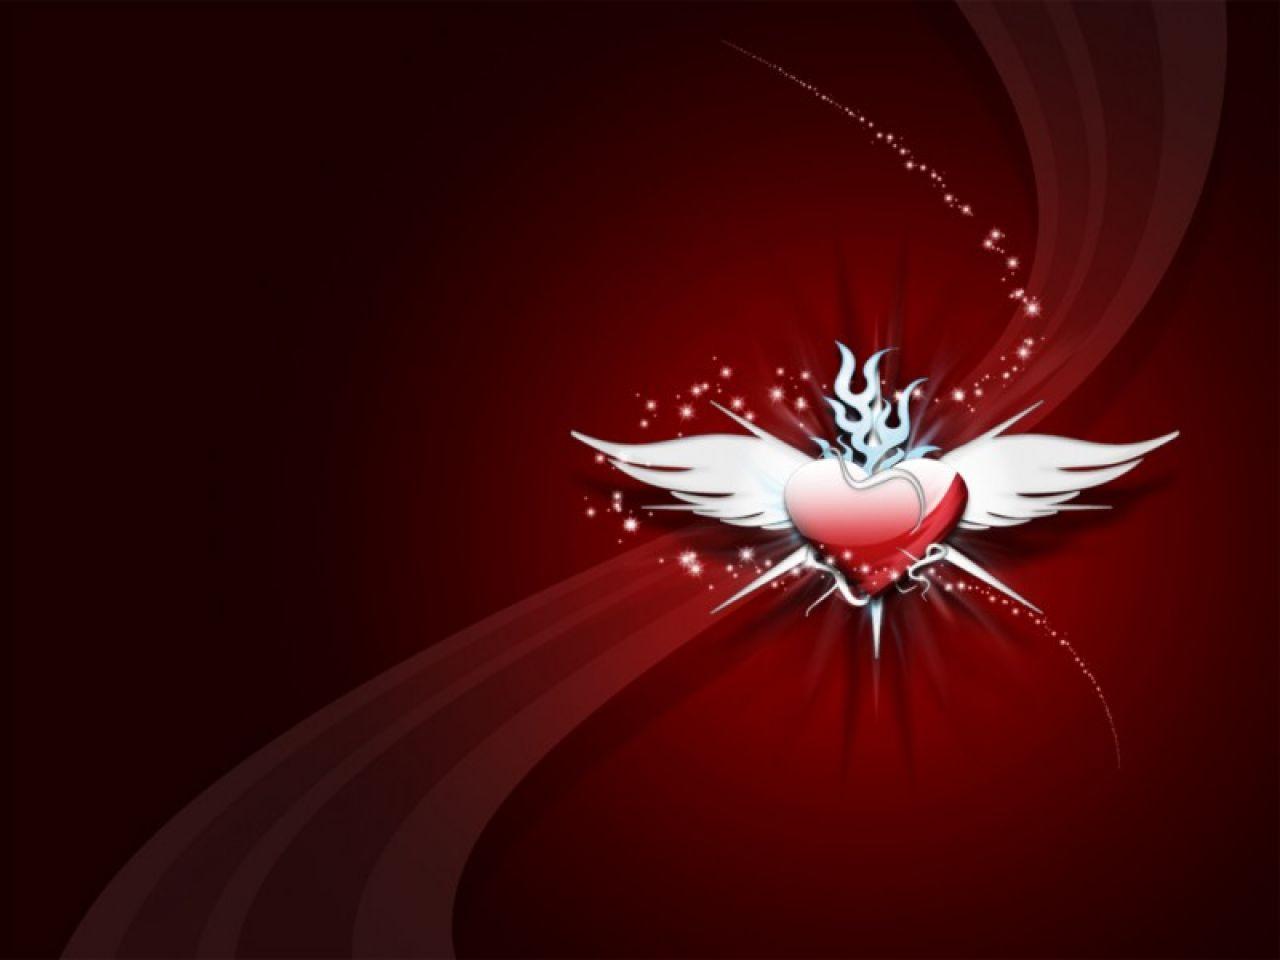 http://3.bp.blogspot.com/-0iPxsPS7zag/Tr1V7wiIUKI/AAAAAAAAA_w/OgMGevi0GWU/s1600/amor-44.jpg